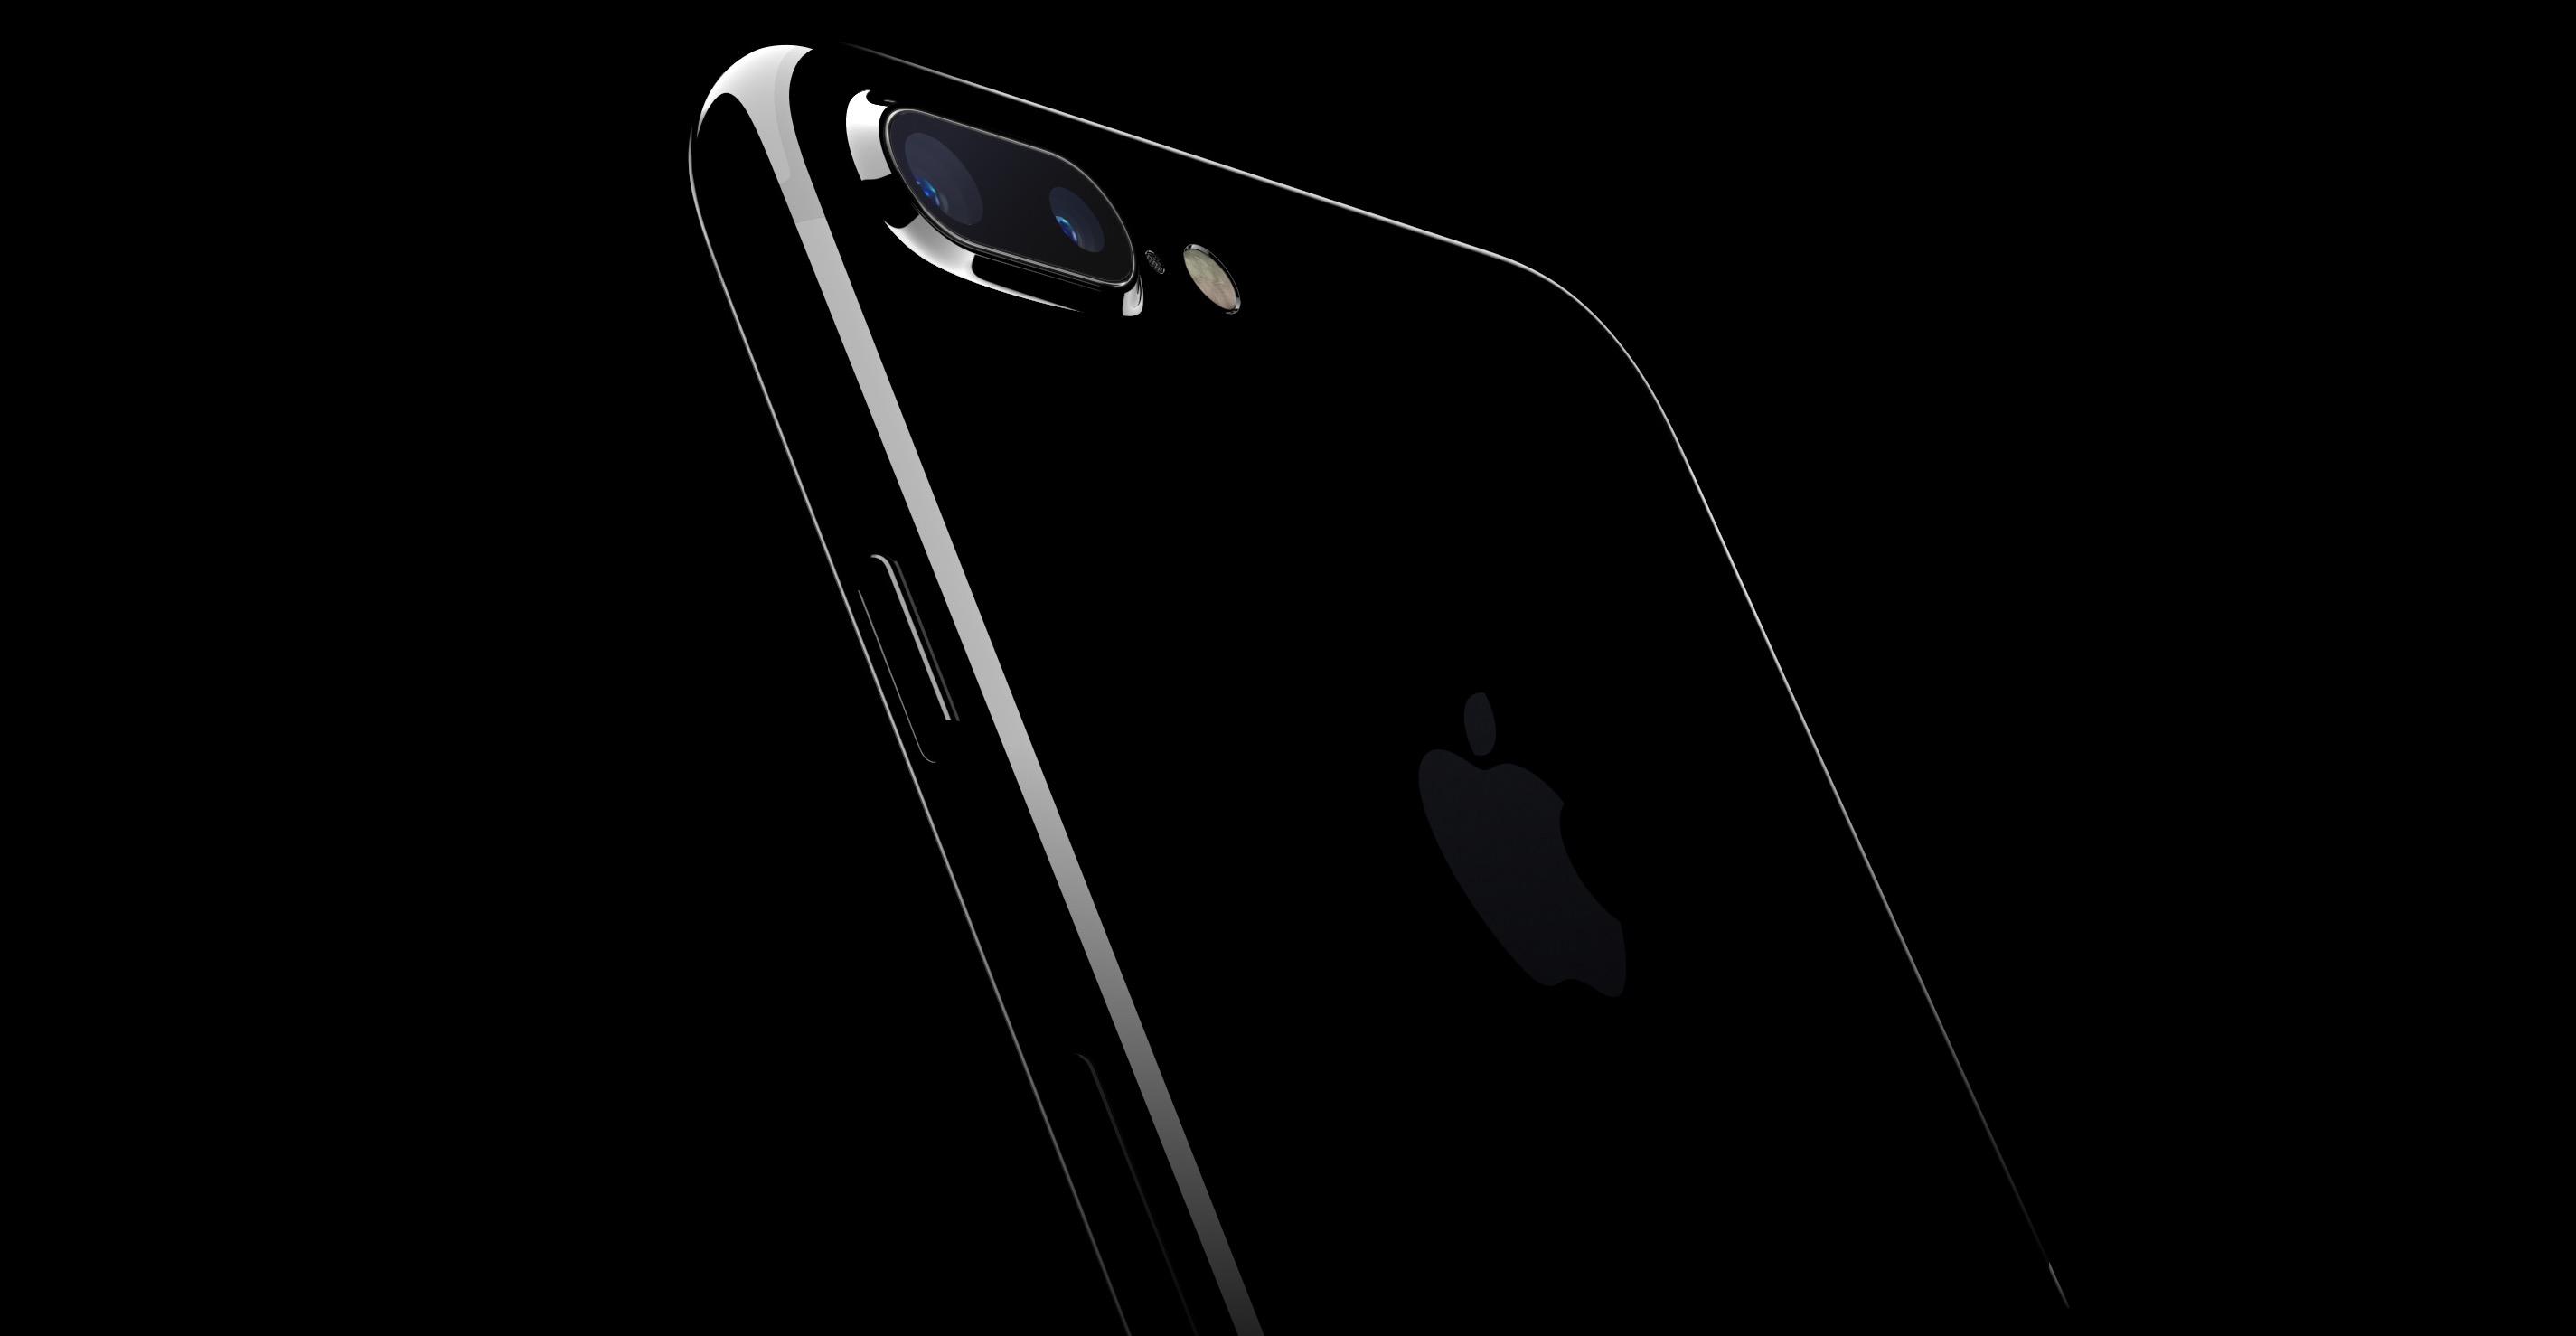 Leitor de impressões digitais pode atrasar lançamento do novo iPhone